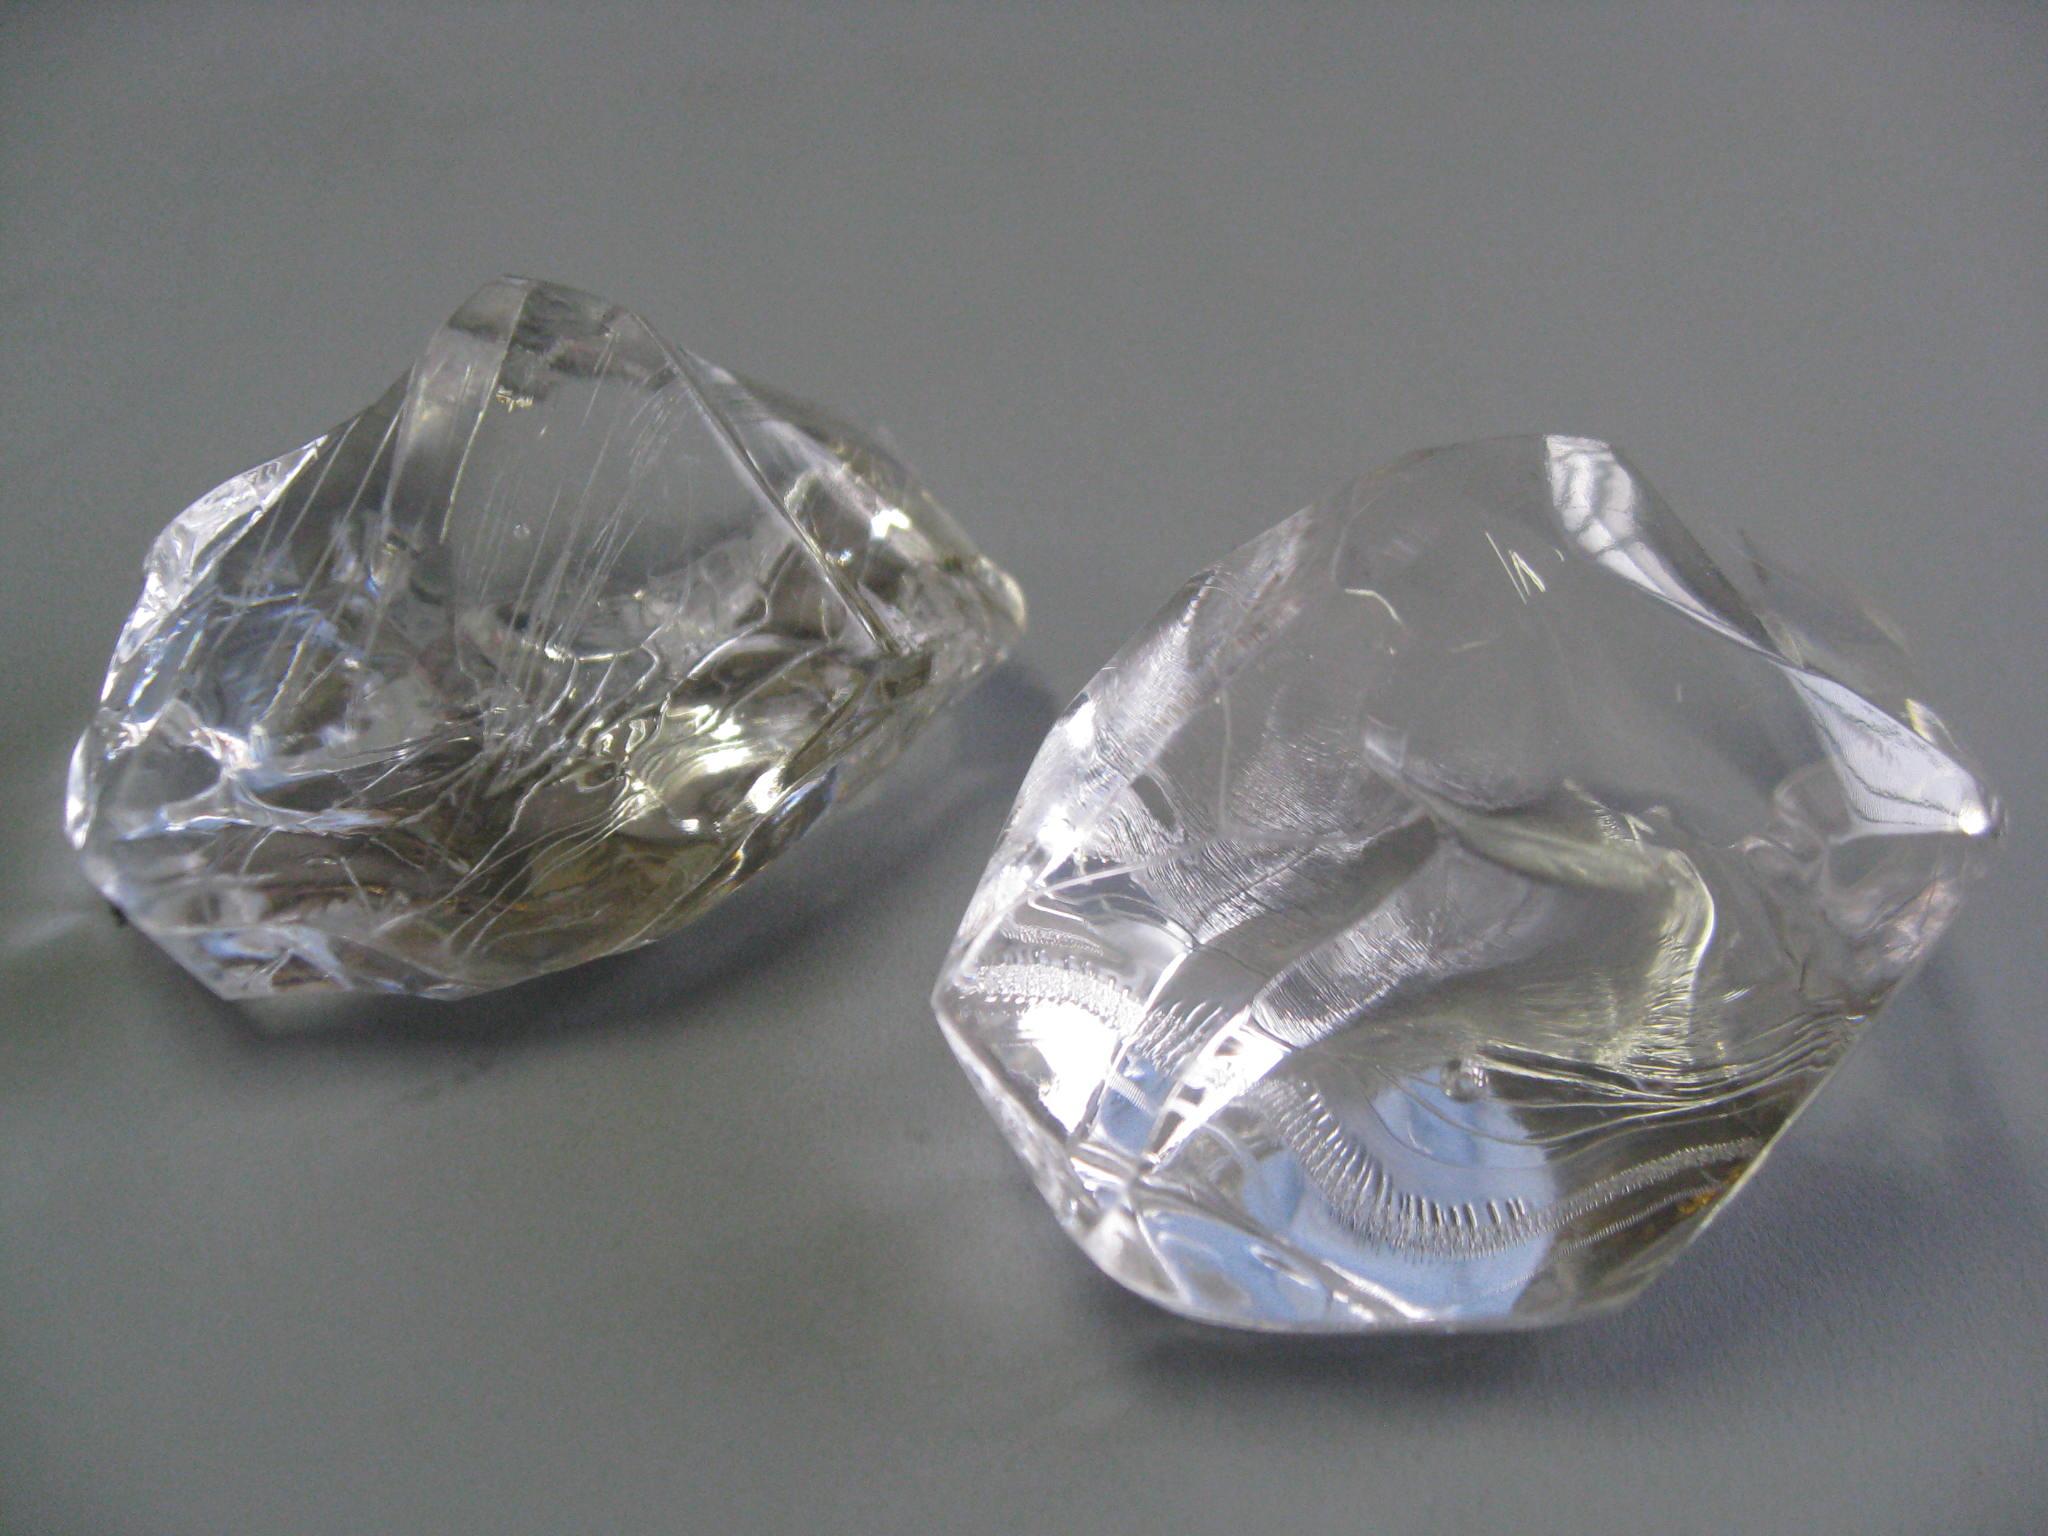 氷・イミテーション・アイス _e0142313_16375749.jpg